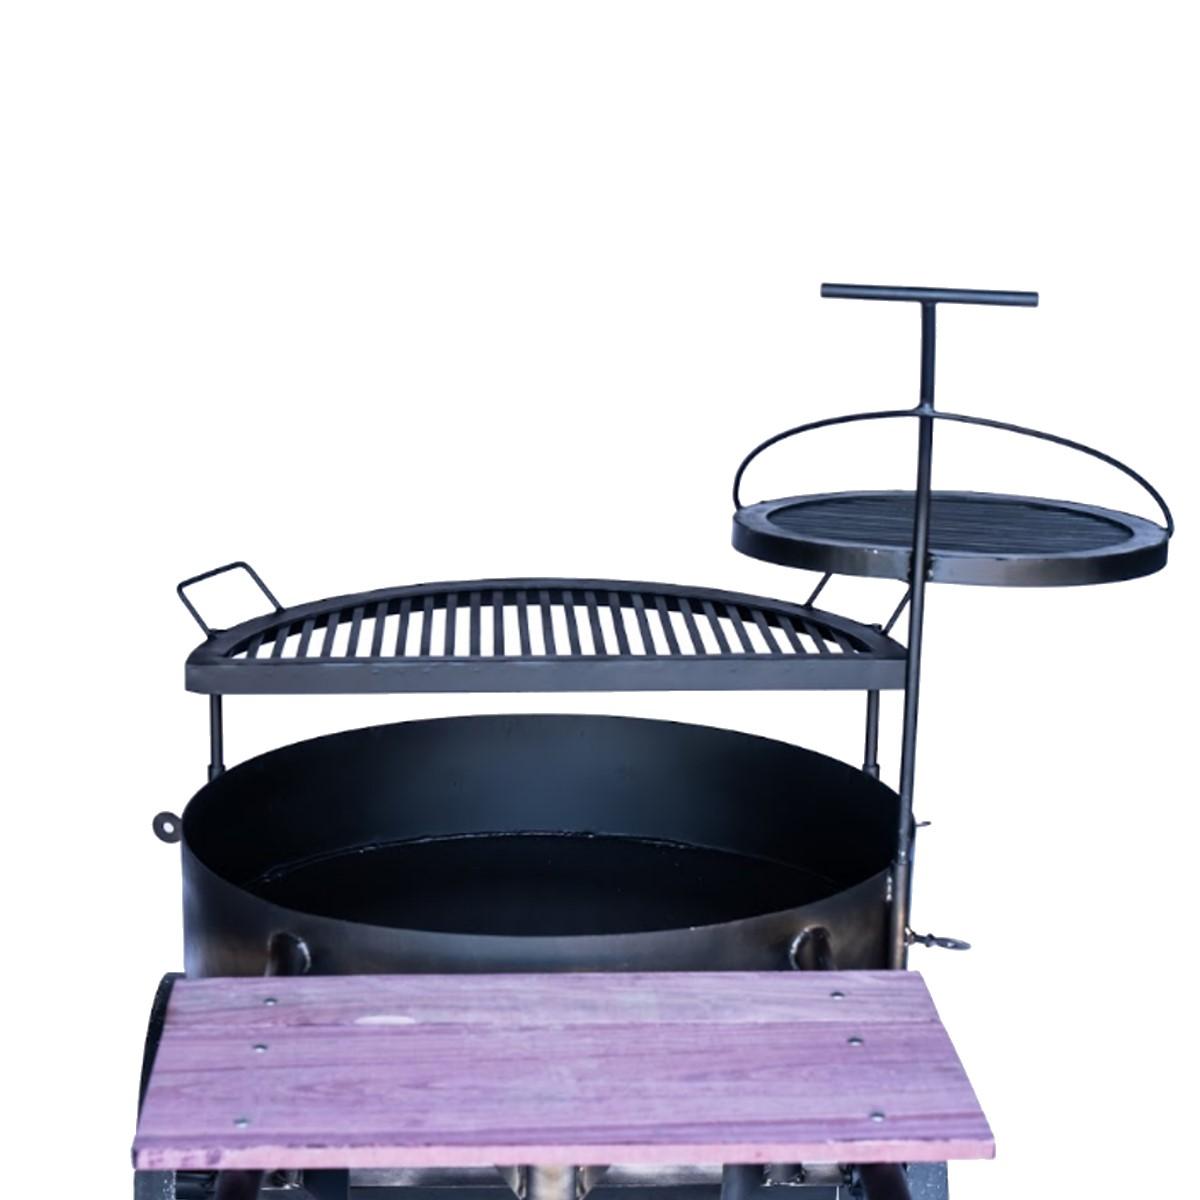 Churrasqueira Costelão Multi Uso Modelo G 85x42cm  - Panela de Ferro Fundido